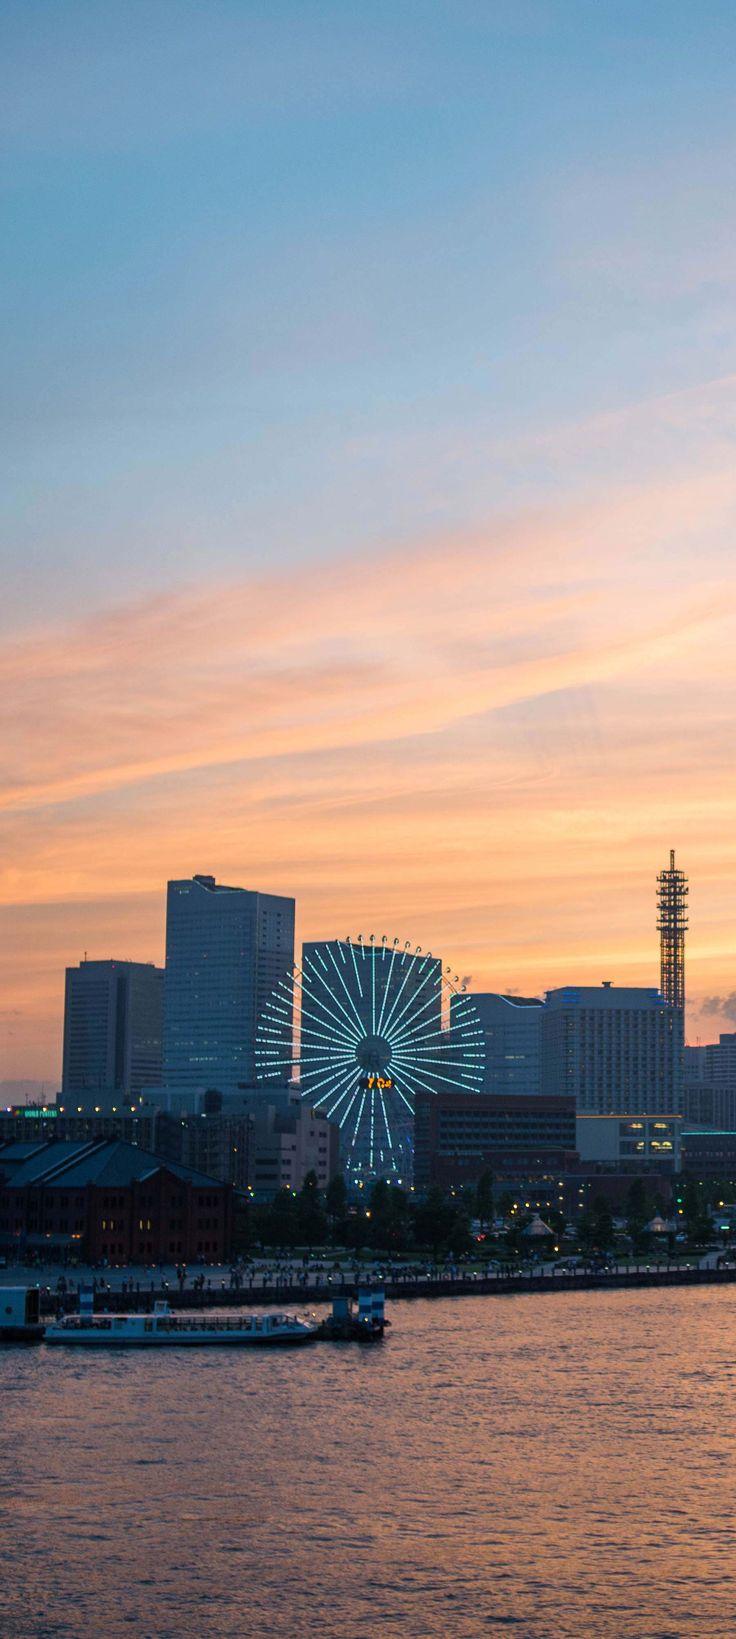 Arkadhallar, gatumat och shopping –det här får du inte missa i Tokyo. http://www.metro.se/nyheter/arkadhallar-gatumat-och-shopping-det-har-far-du-inte-missa-i-tokyo/EVHocD!SWZvl071lFkTo/